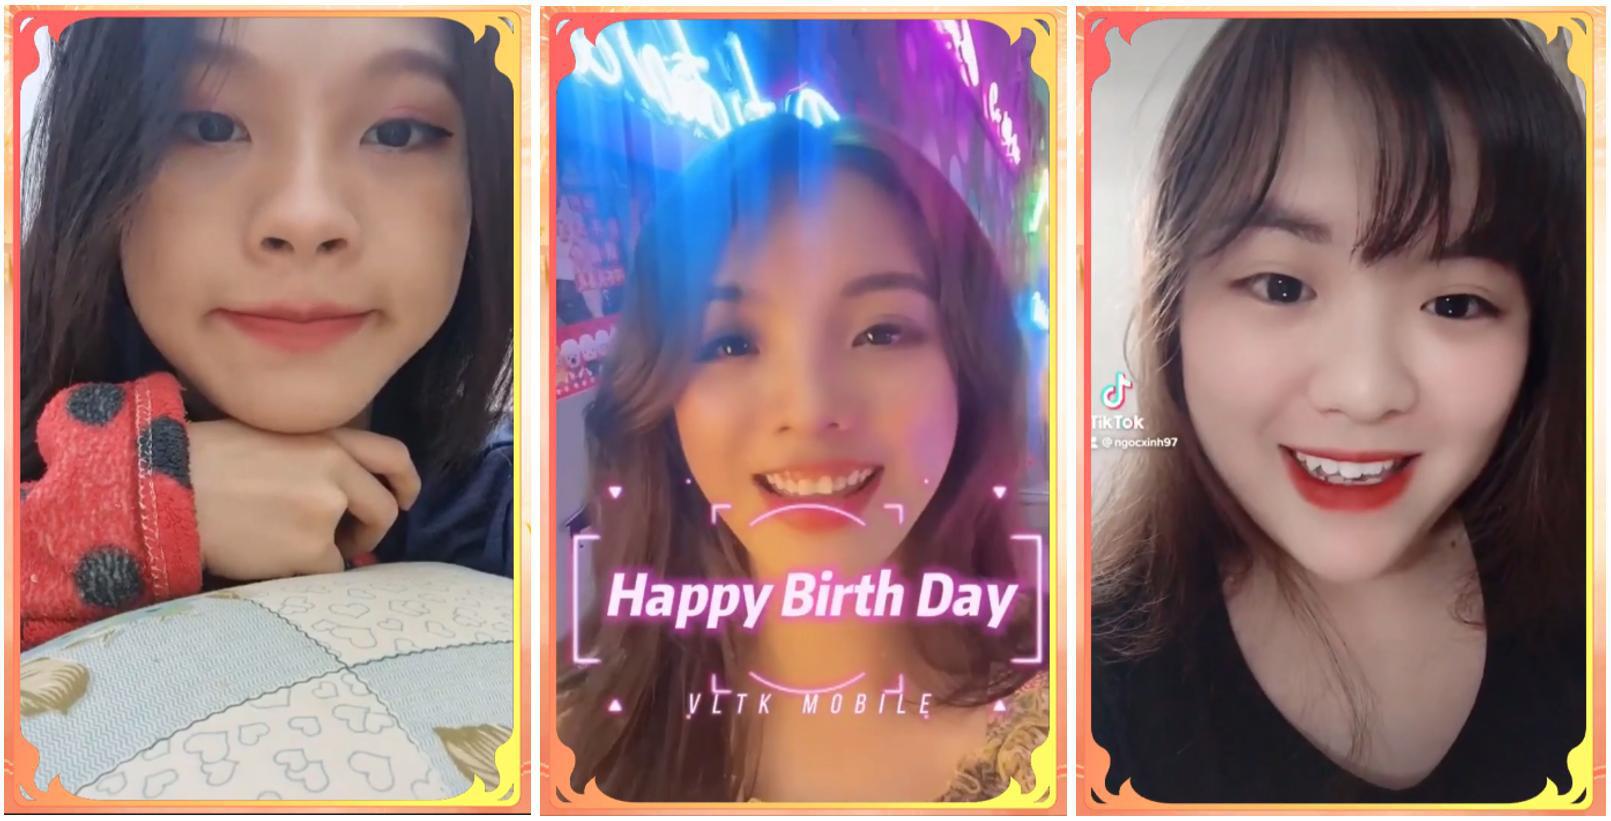 Muôn kiểu chúc mừng sinh nhật của game thủ dành cho Võ Lâm Truyền Kỳ Mobile - Ảnh 8.